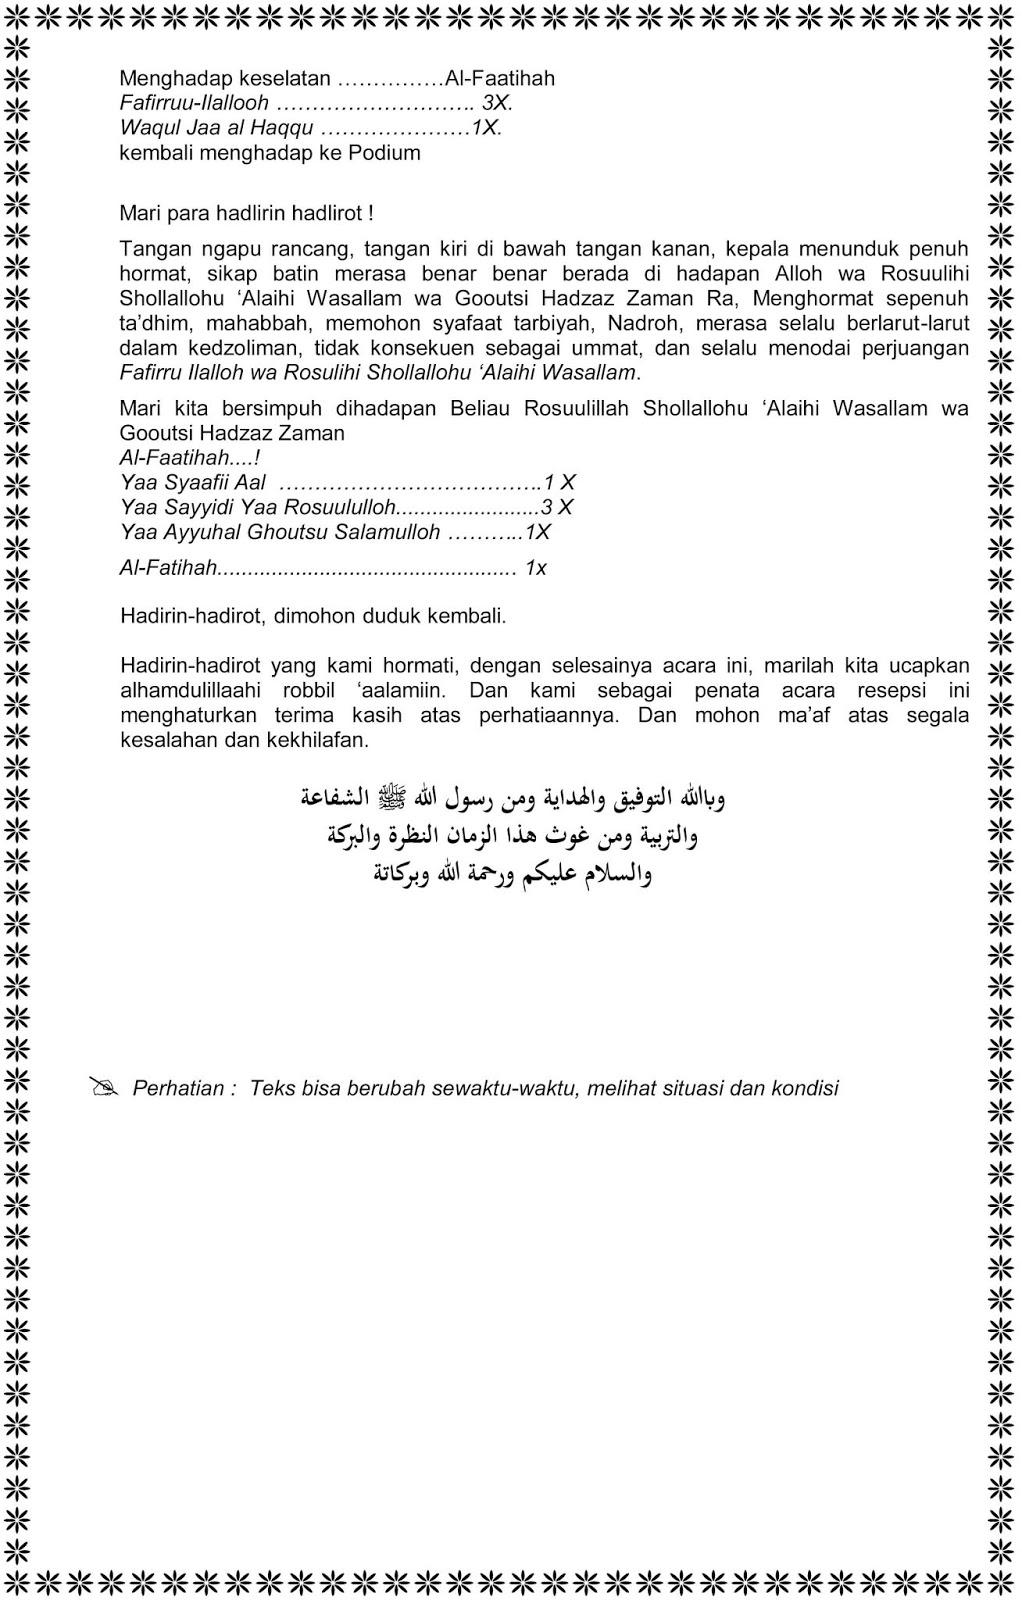 Teks Protokol Acara Wahidiyah